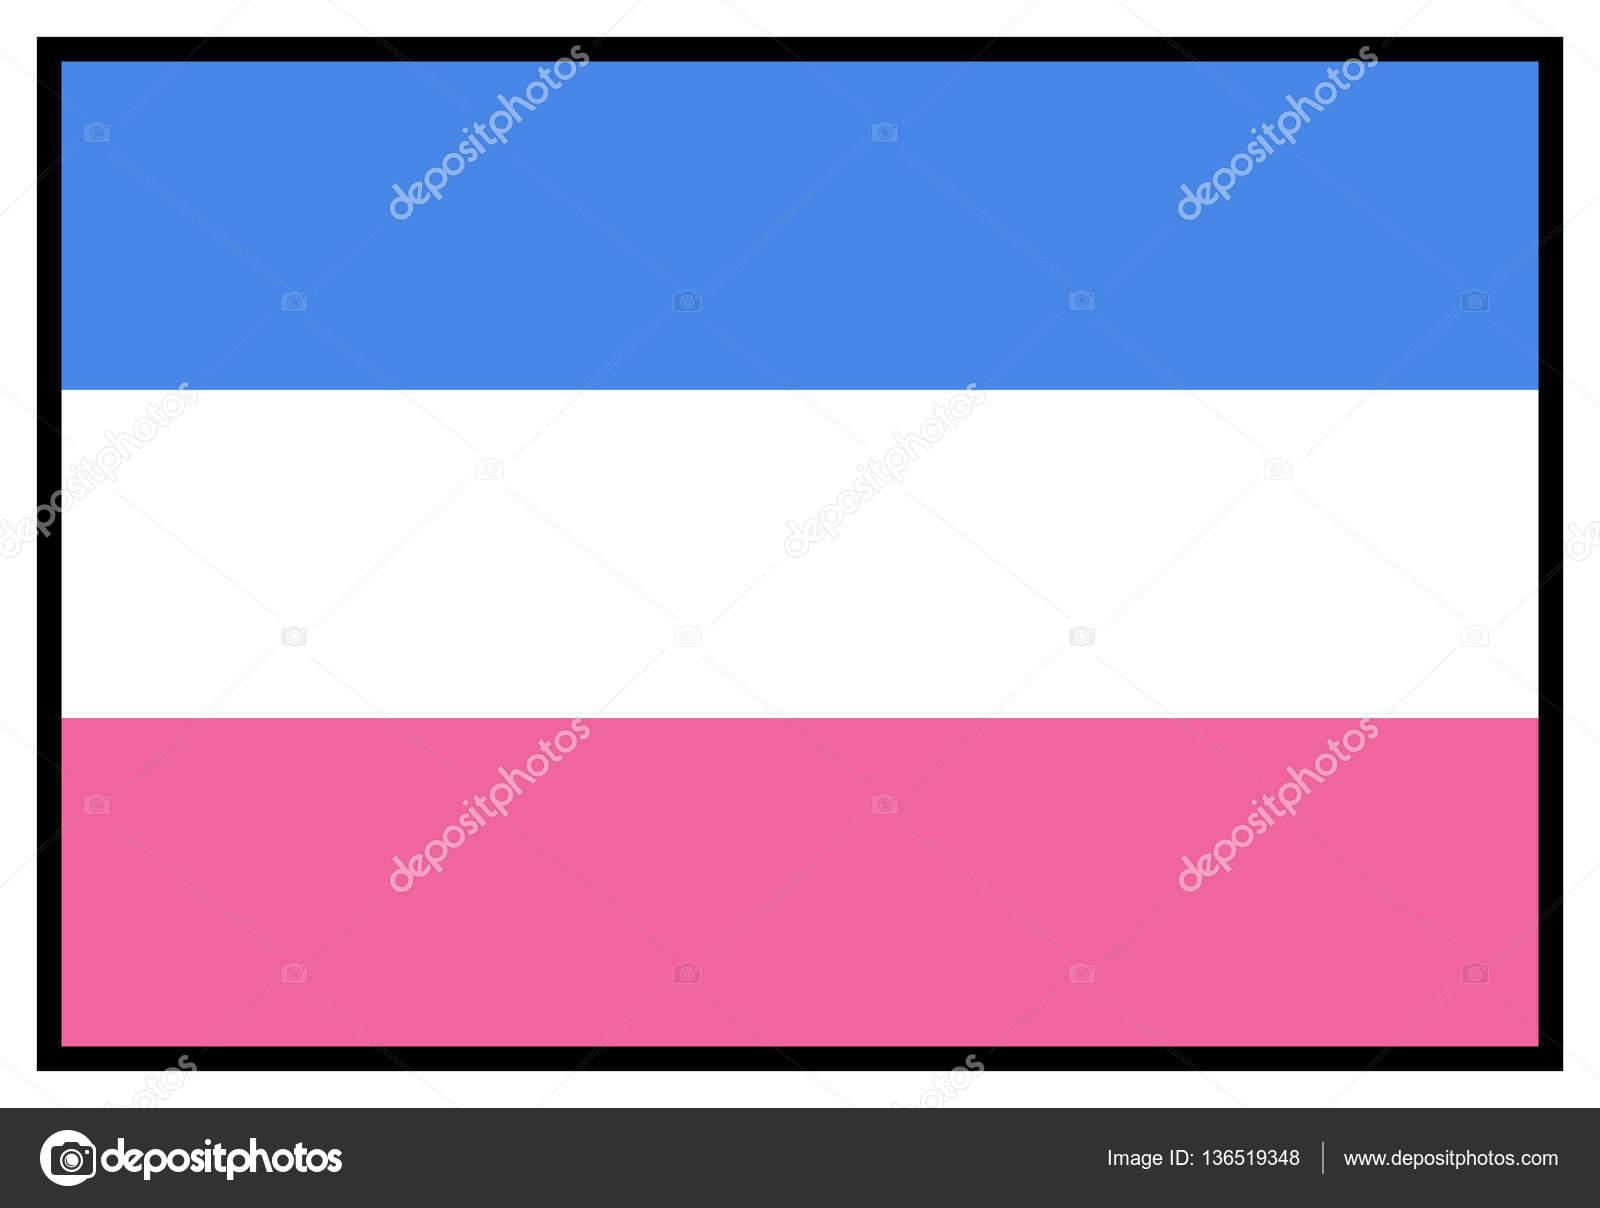 Гетеросексуальные контакты гугл